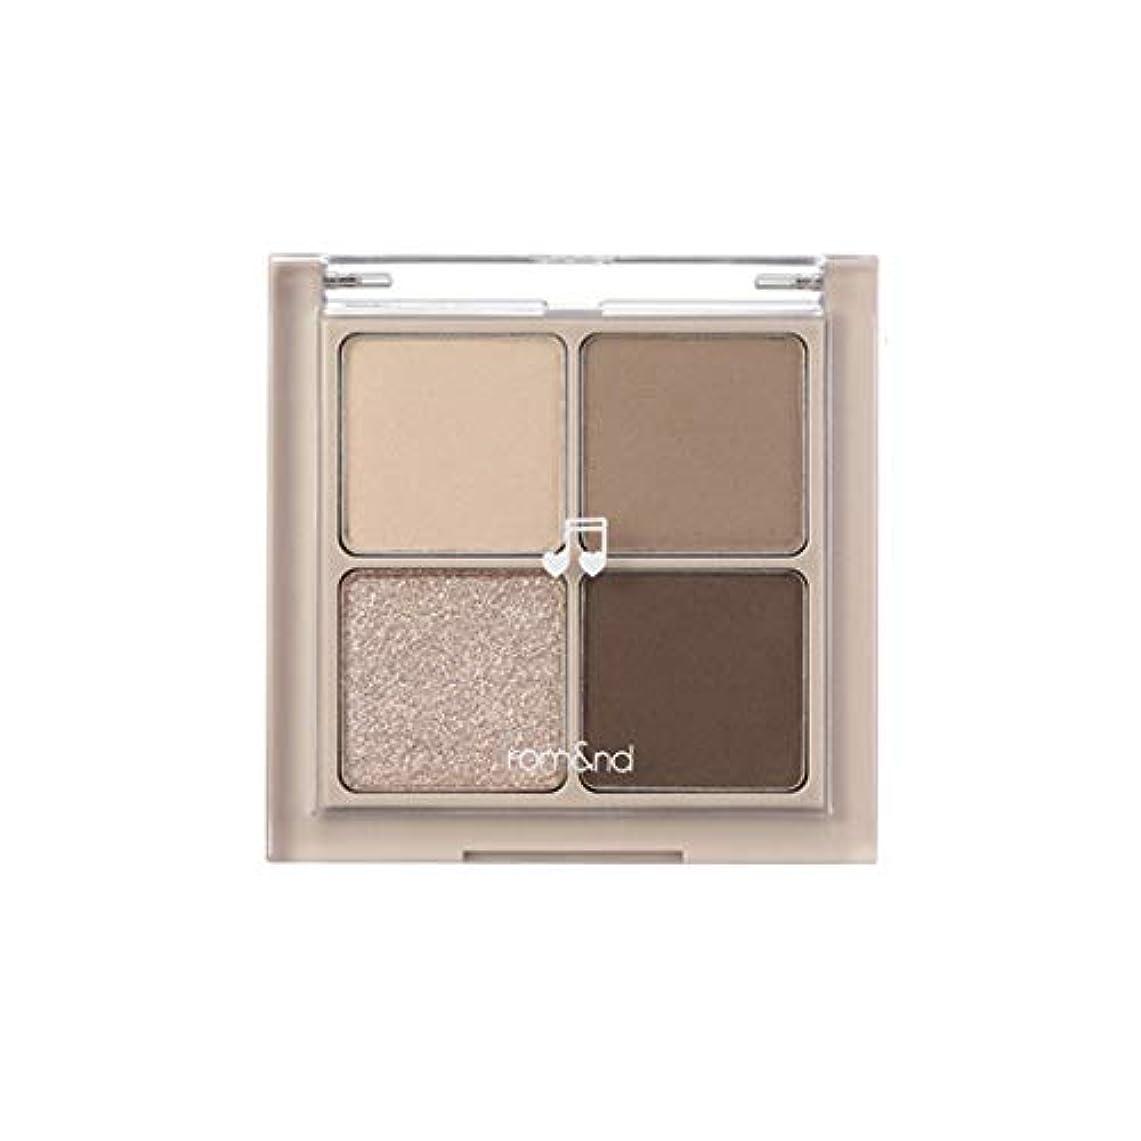 添付賠償北方rom&nd BETTER THAN EYES Eyeshadow Palette 4色のアイシャドウパレット # M2 DRY buckwheat flower(並行輸入品)